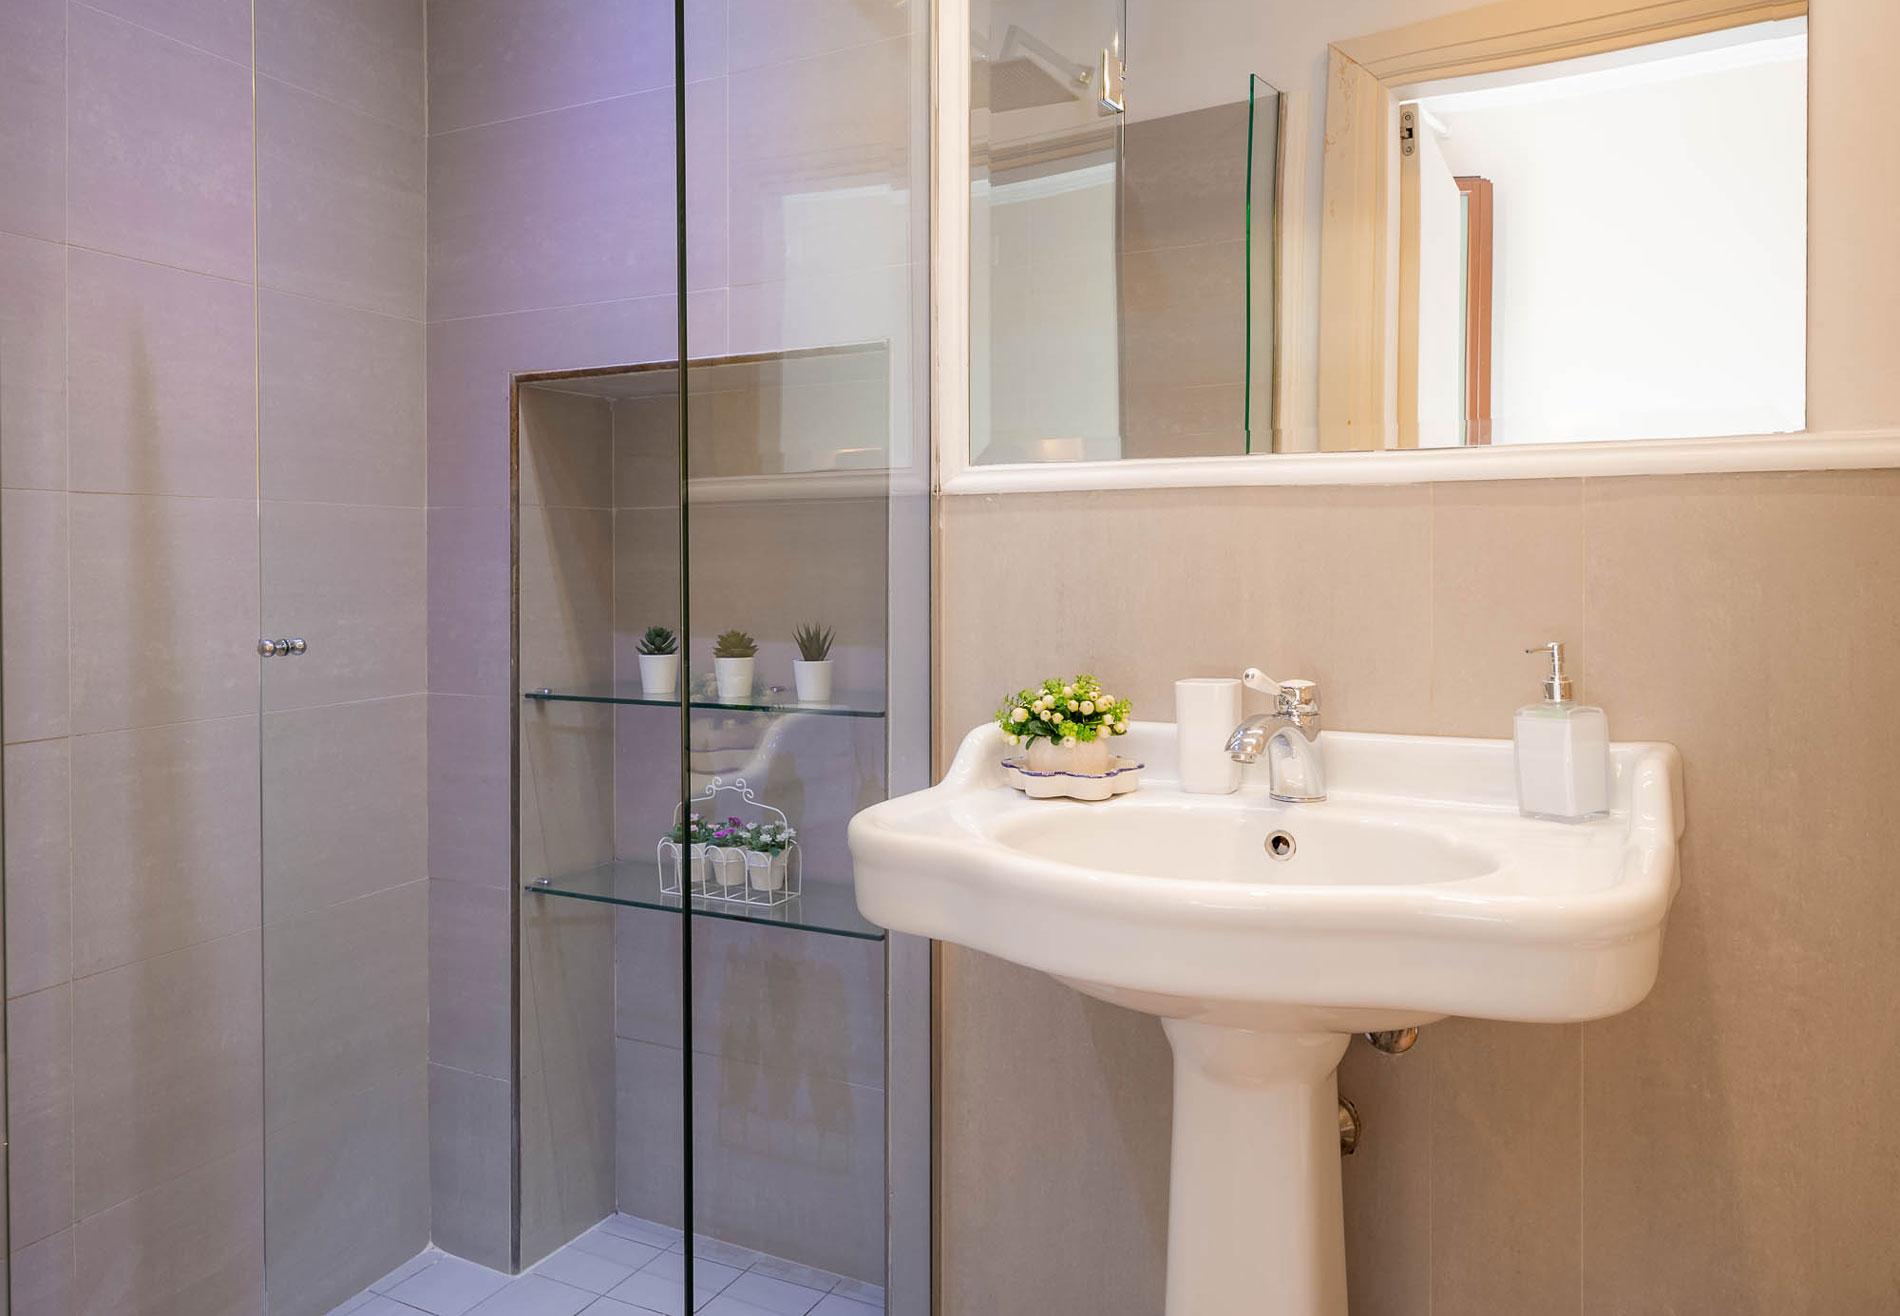 Grazioso bagno di una delle camere dell'Hotel del Corso in centro a Firenze, bagno recentemente rinnovato.